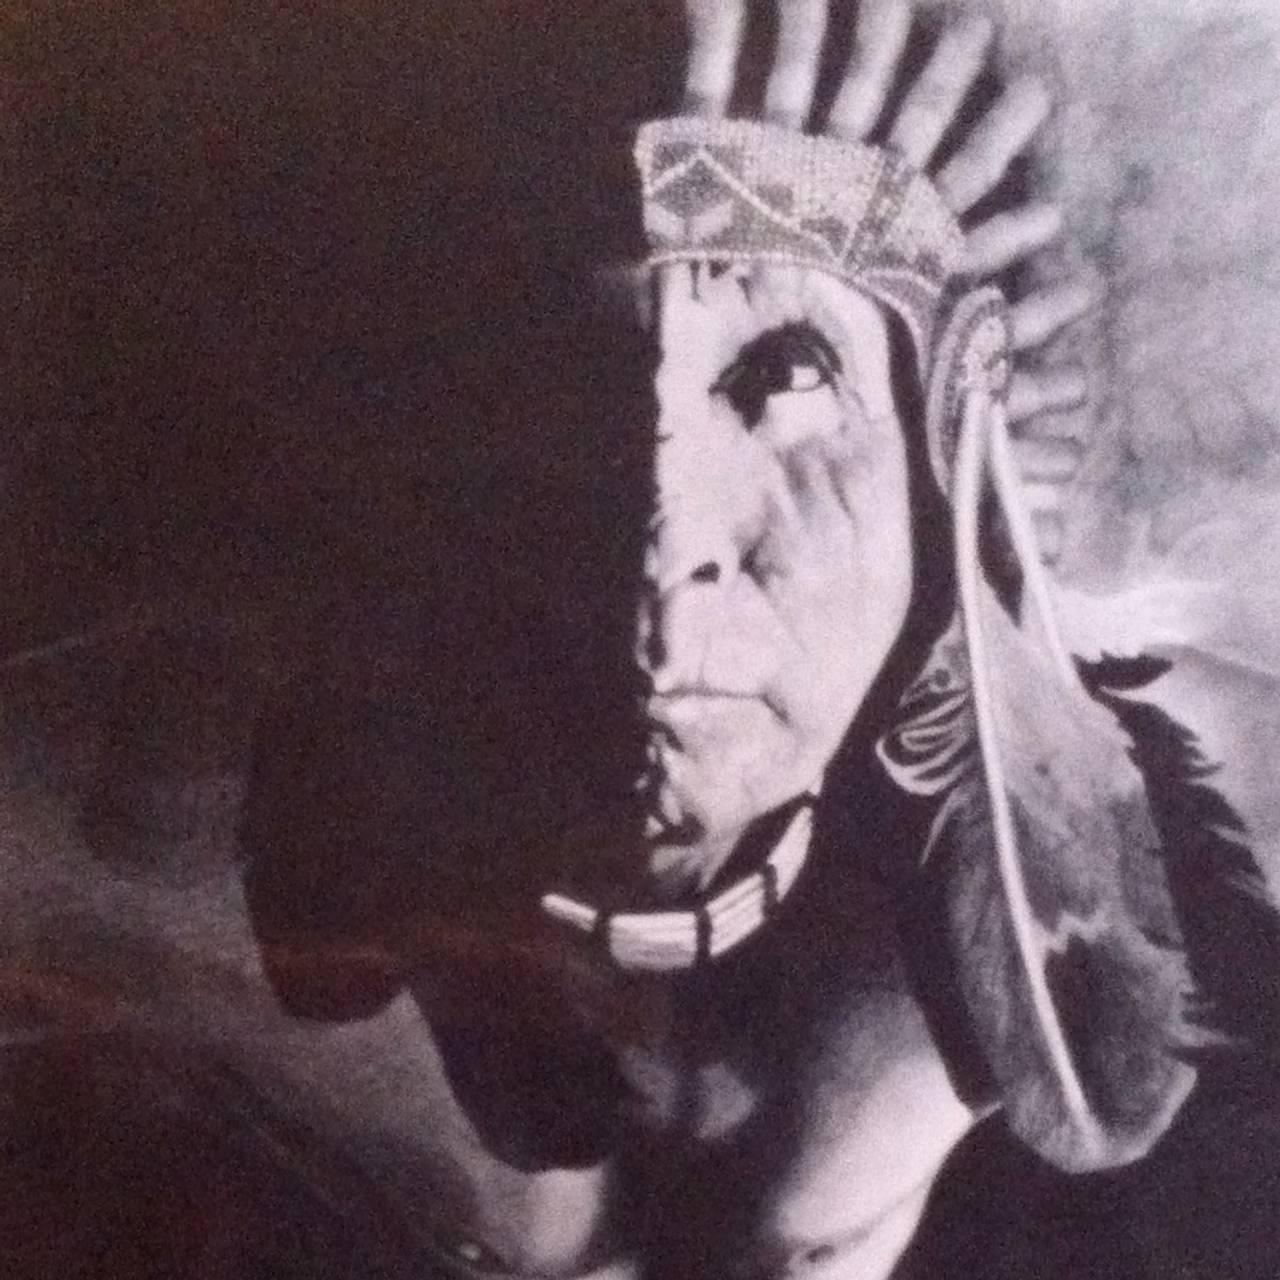 Maleri av en amerikansk indianer som er sett ovenfra